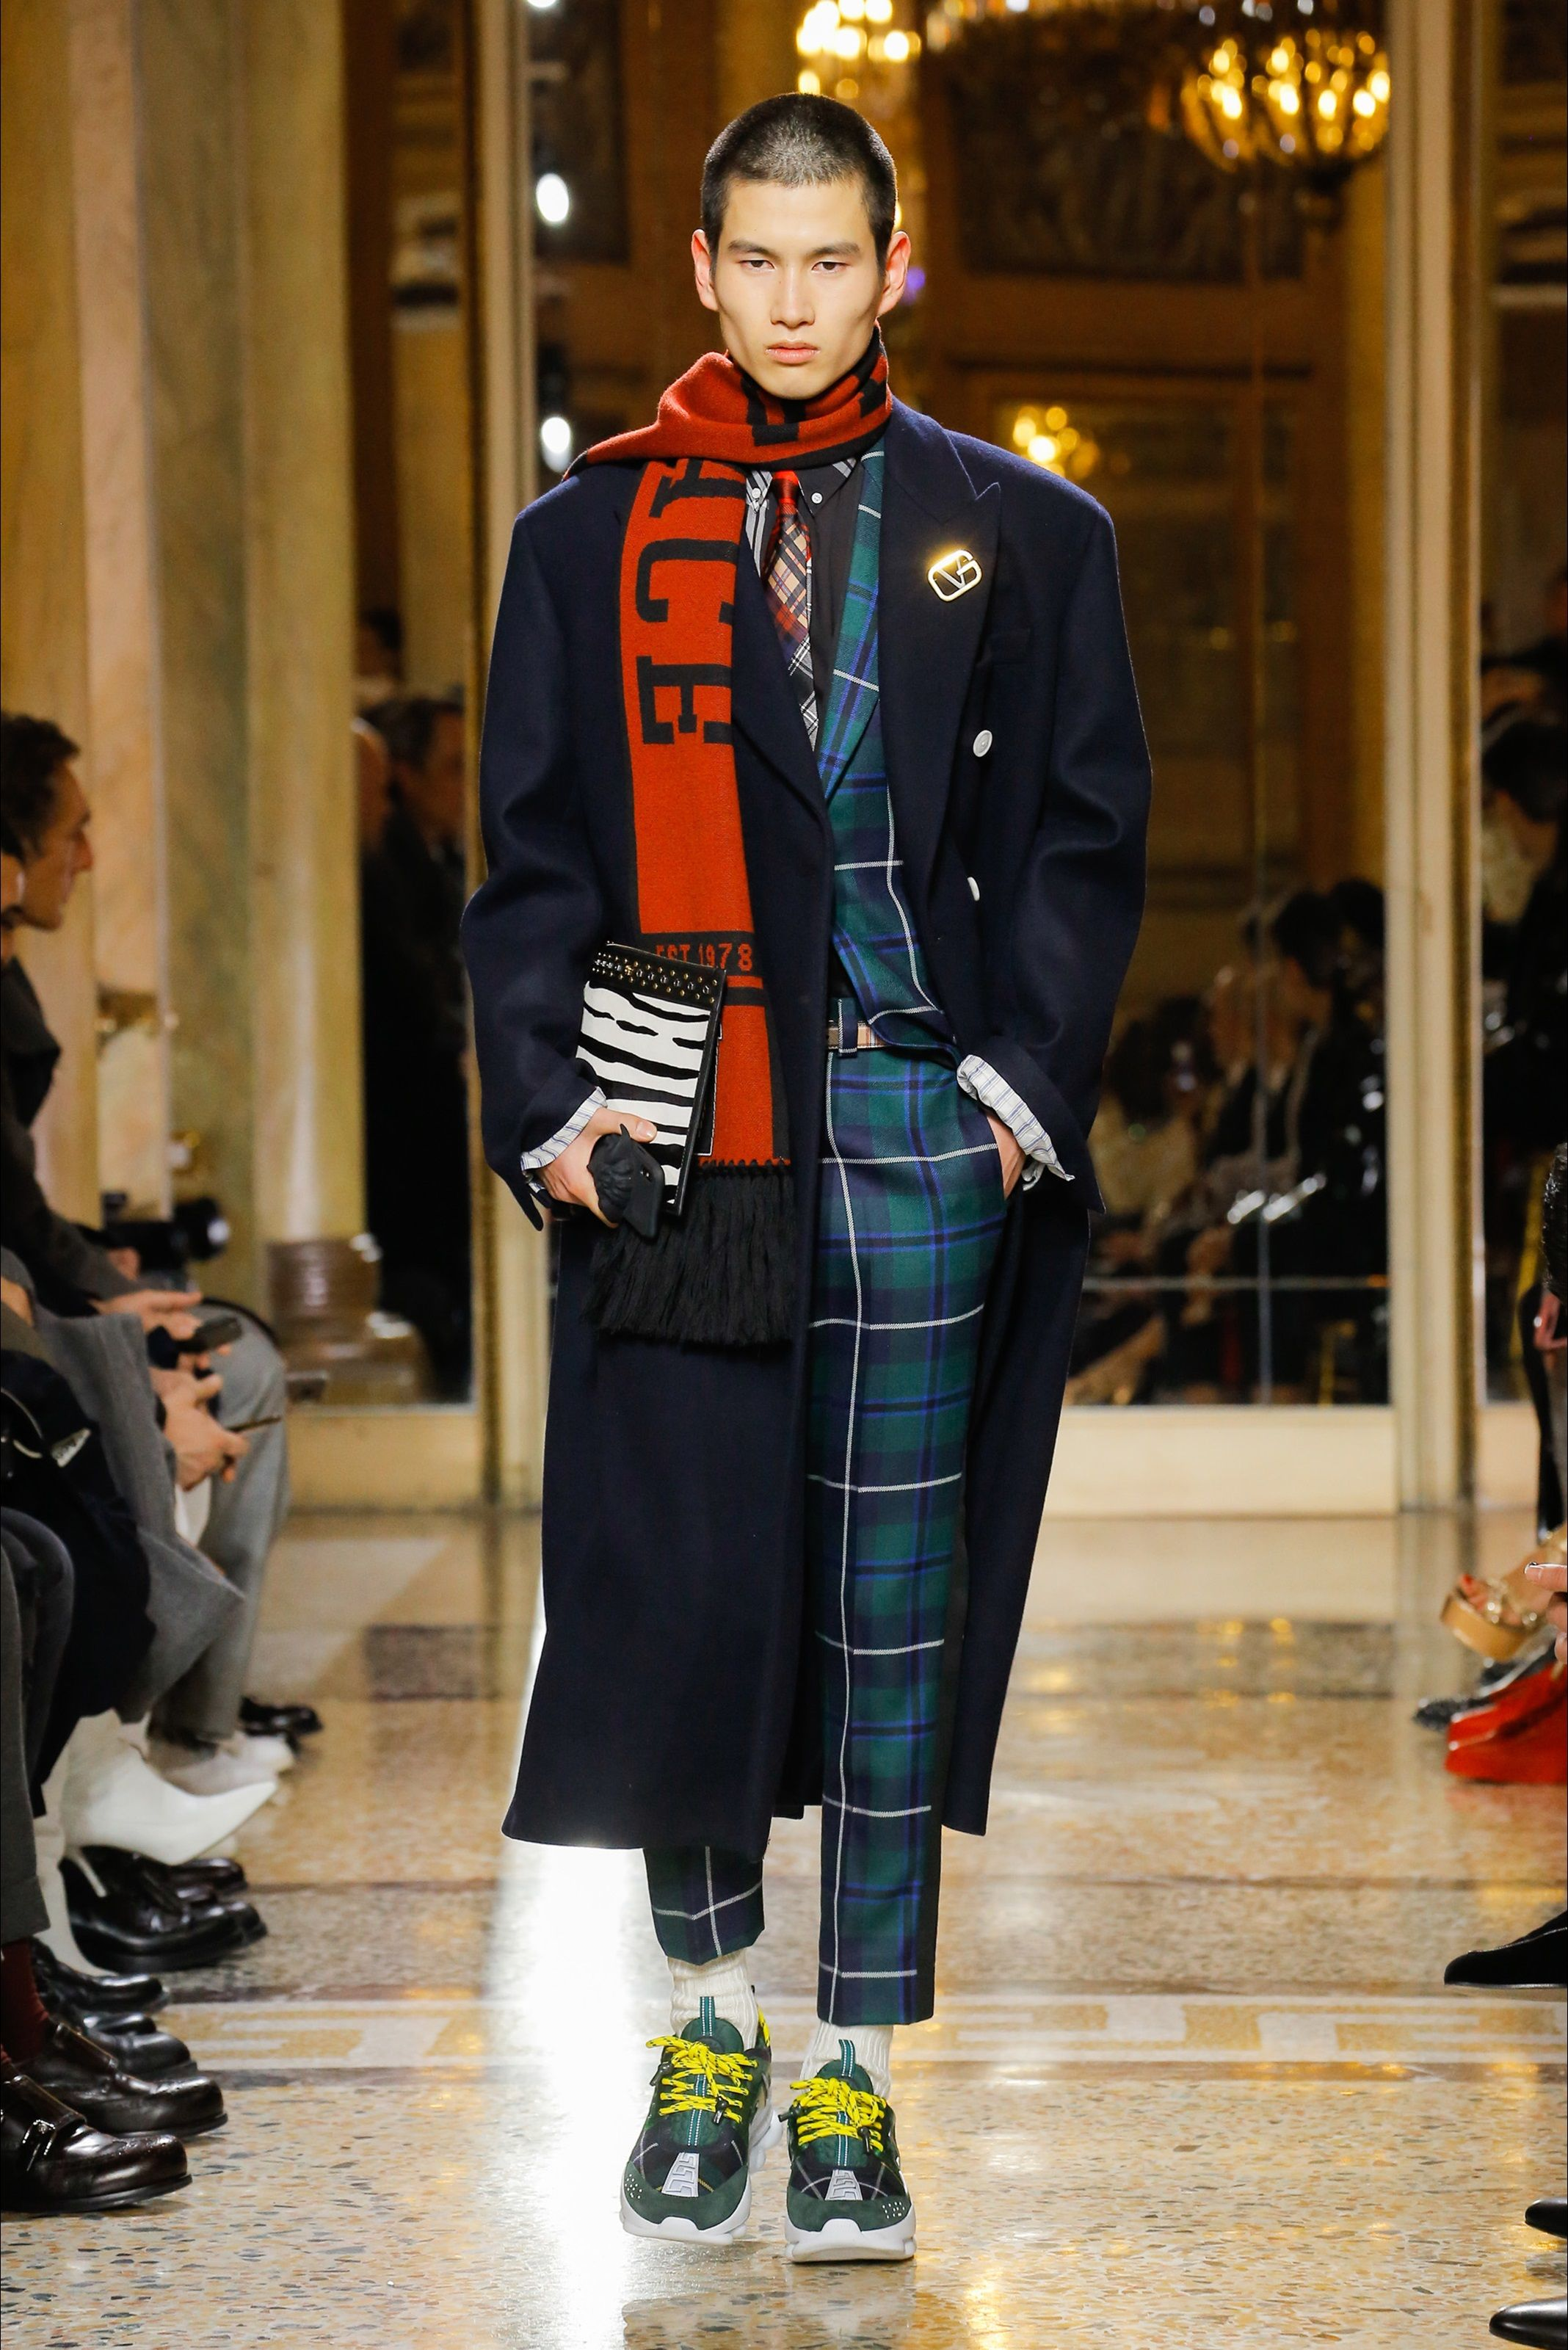 Guarda la sfilata di moda uomo Versace a Milano e scopri la collezione di  abiti e accessori per la stagione Autunno Inverno 2018 e3f13e5767a